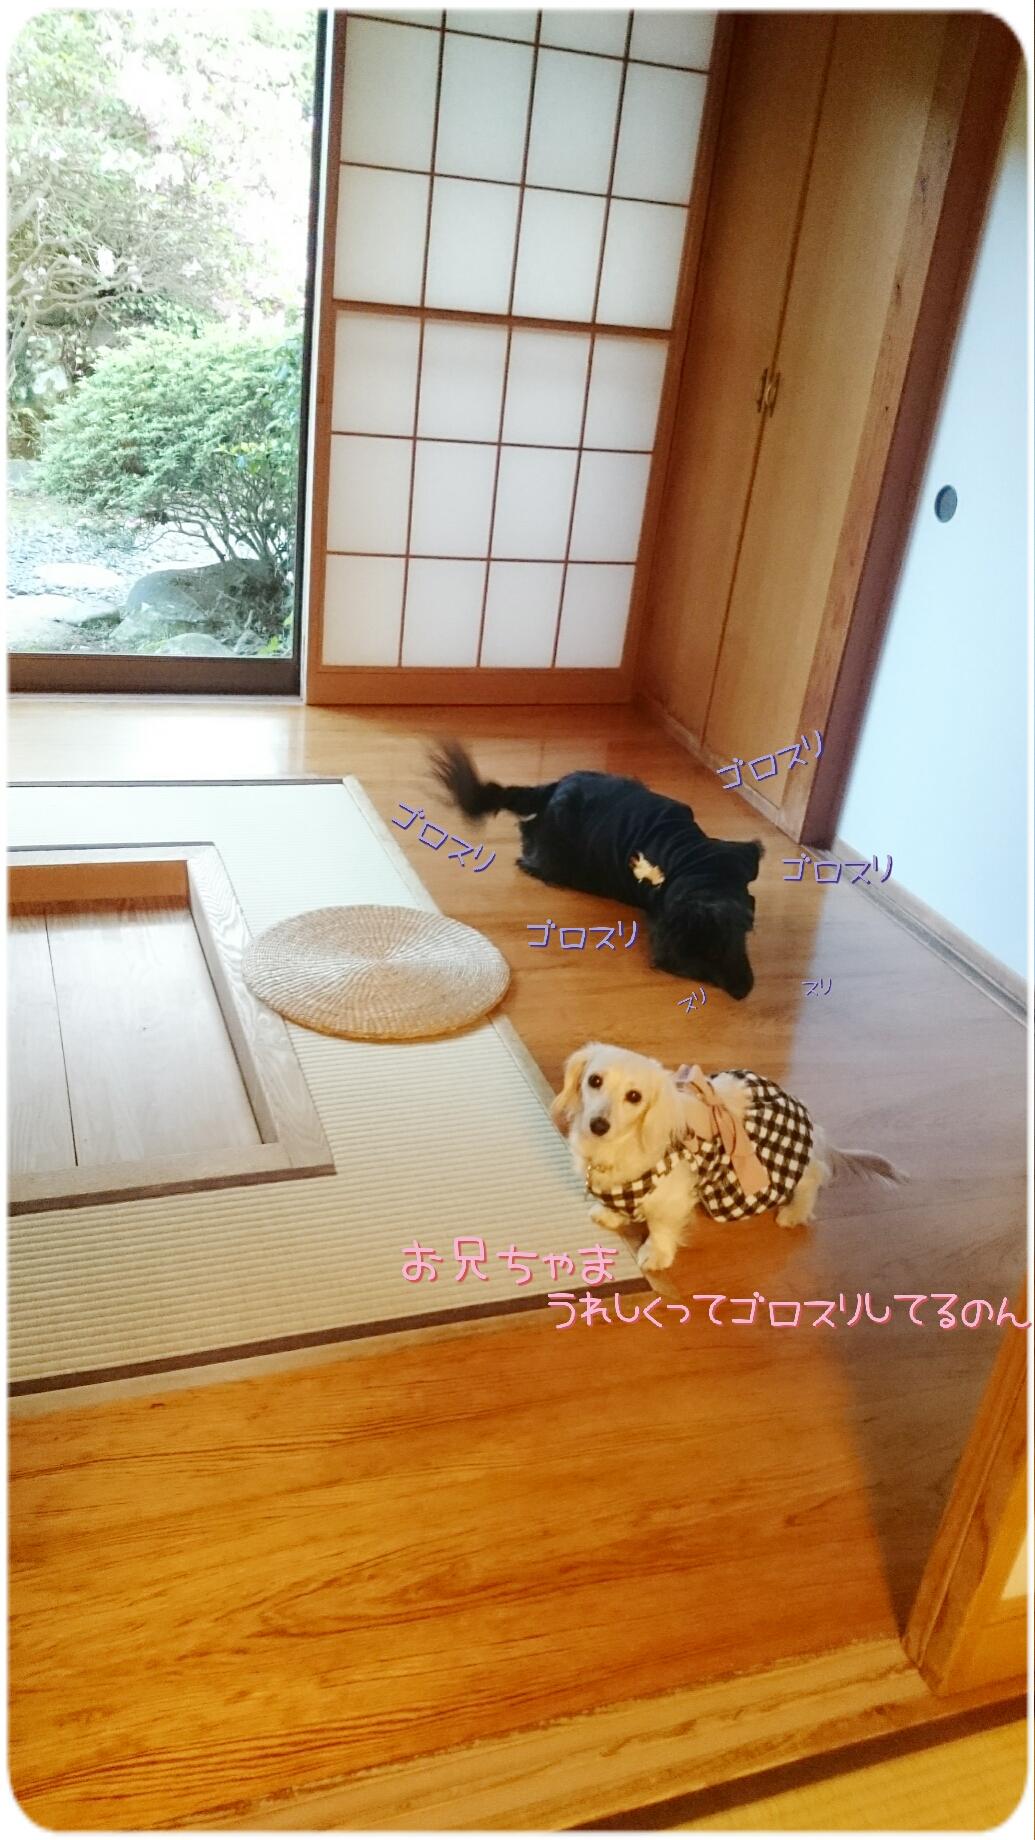 160824_kizuna3_02.jpg